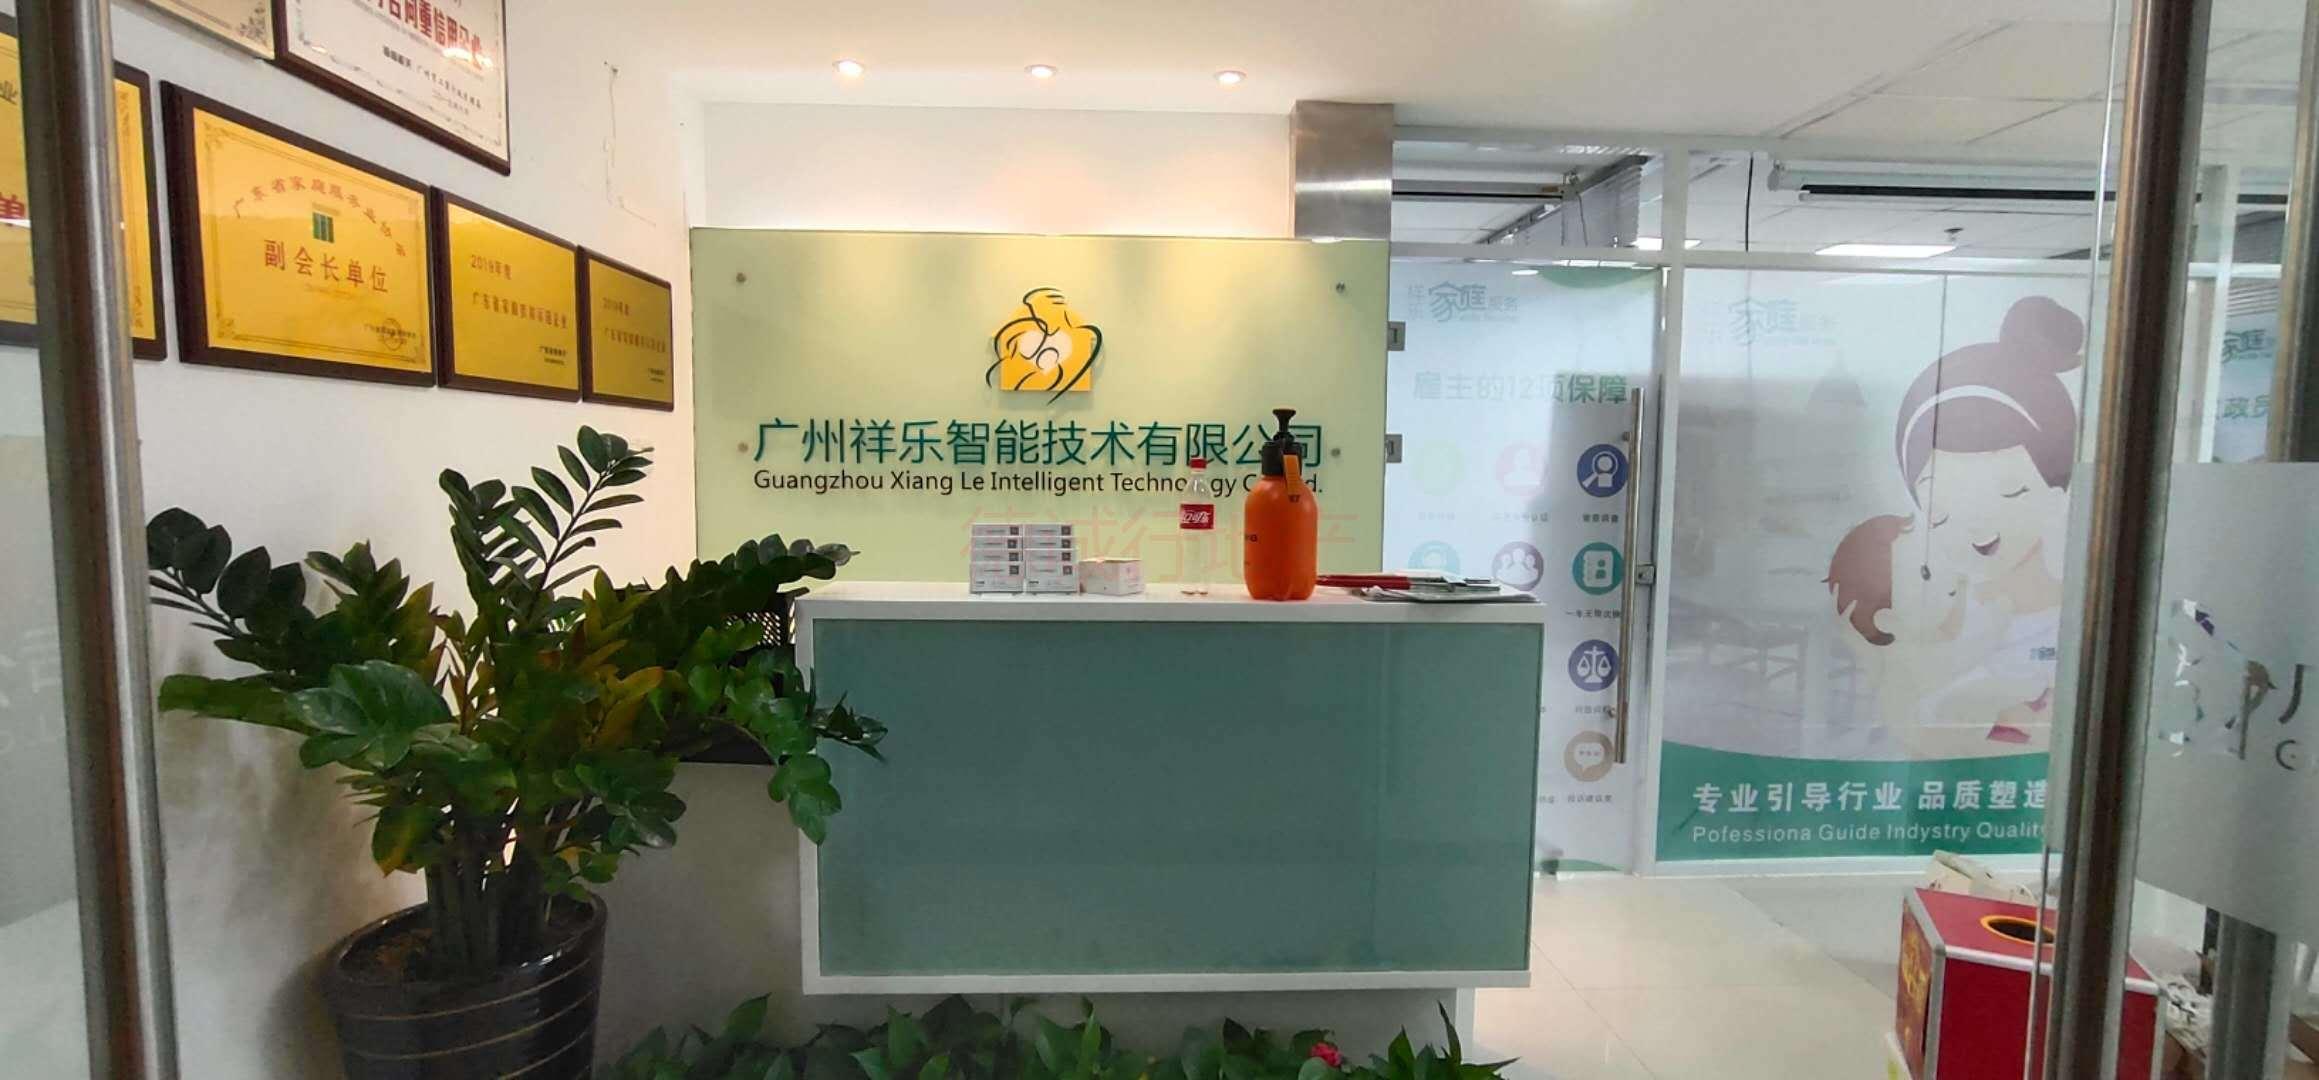 津滨腾越大厦 方正实用 仅374万元 视野广 人流旺